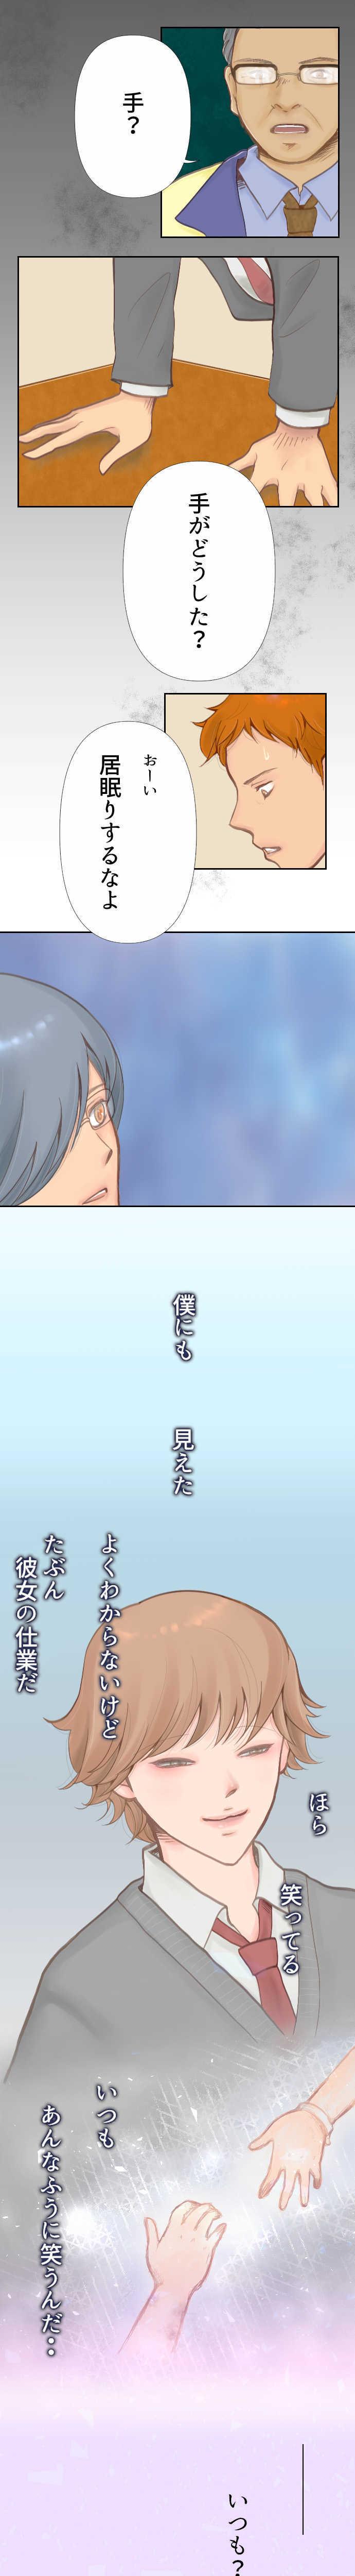 02. トウジョウナツノ